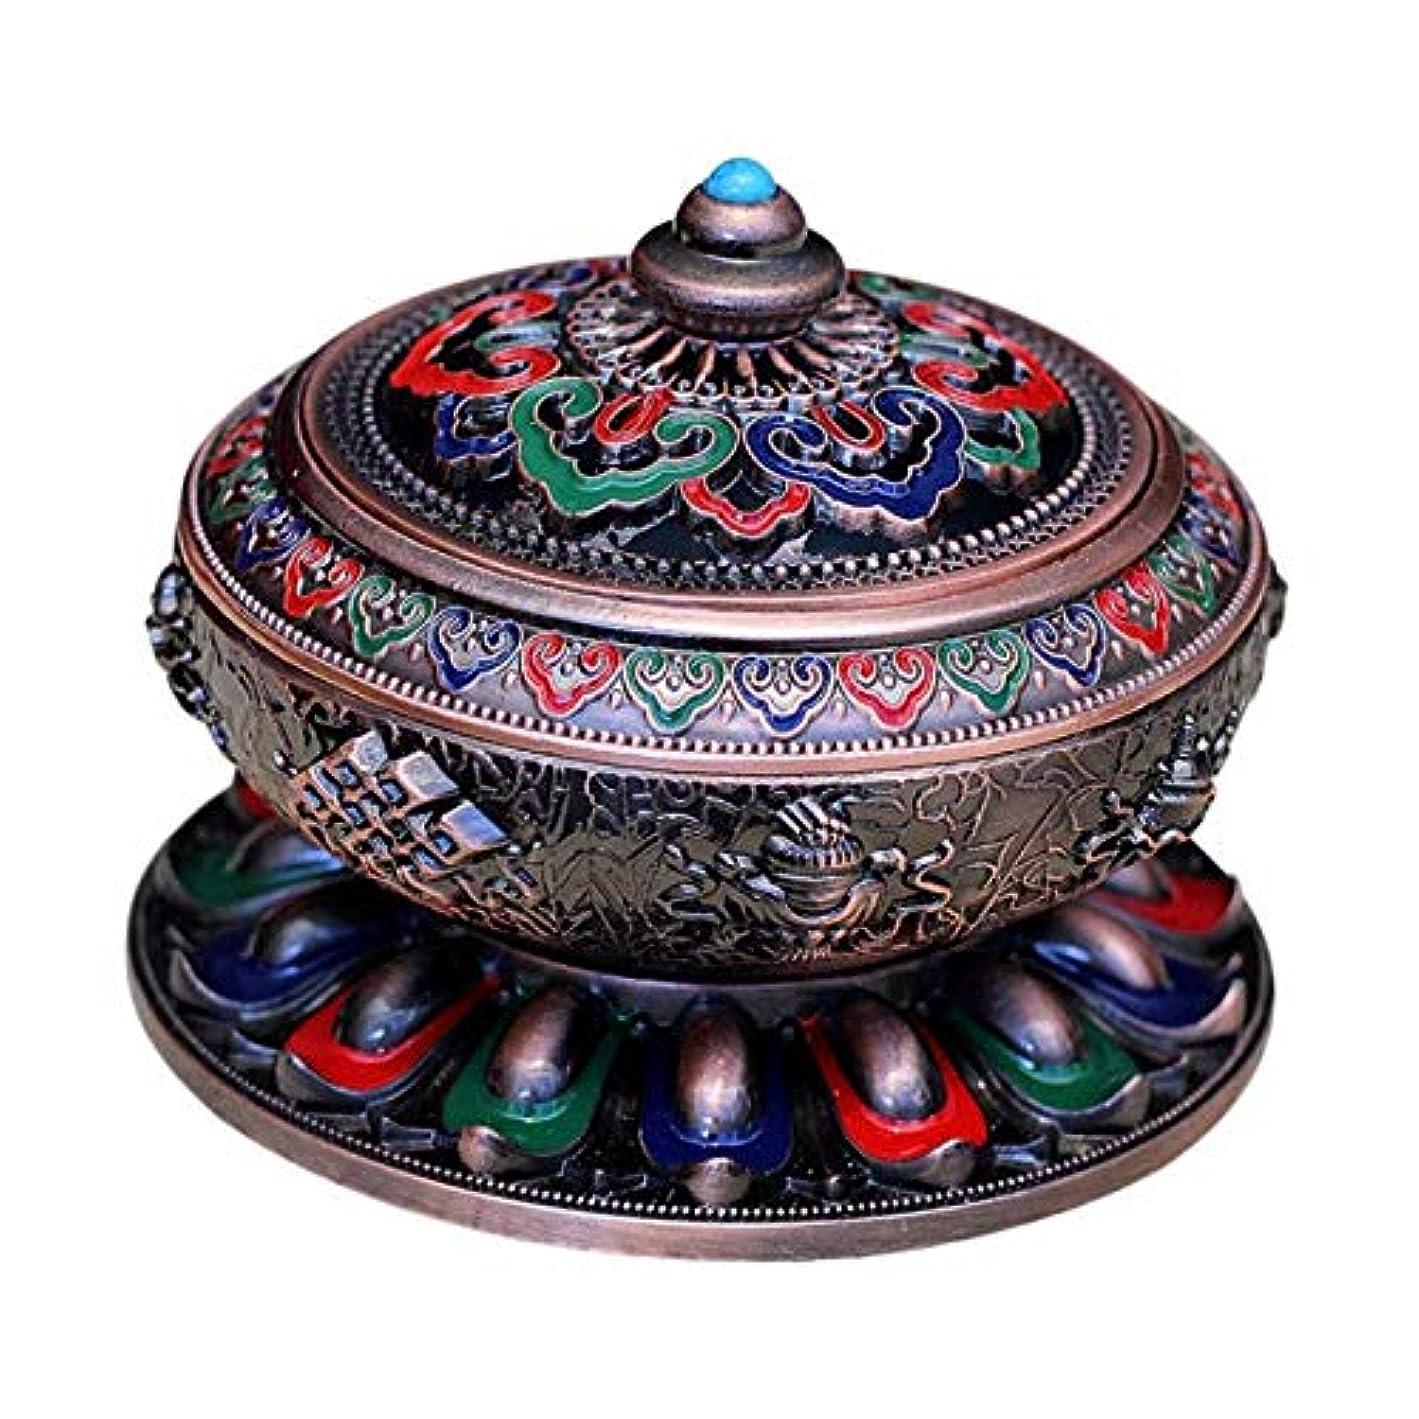 宴会グラムしっかり香炉 アンティーク 仏教 コーン 香りバーナー 丸香炉 癒しグッズ 琺瑯工芸 全3色 - 赤